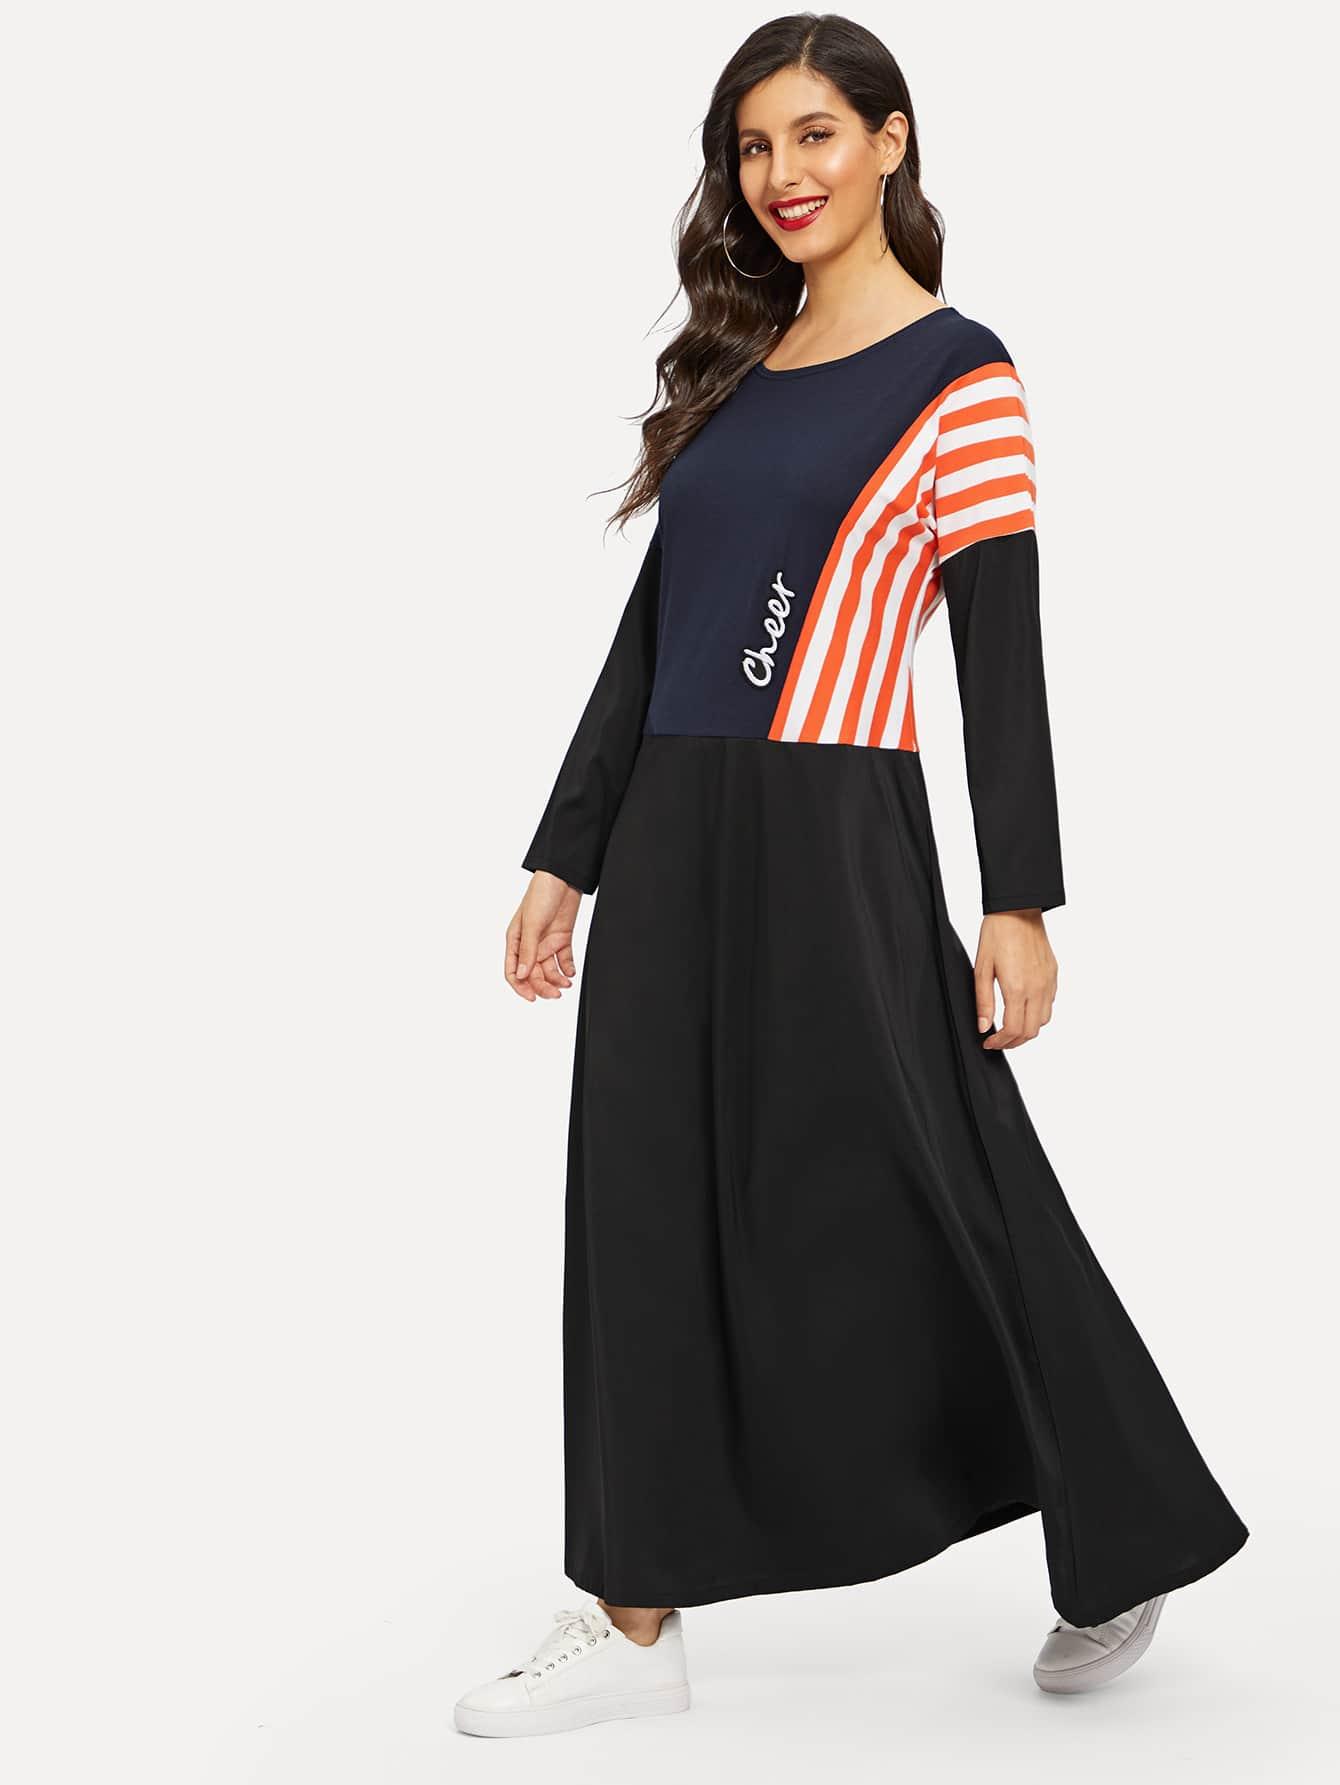 Полосатое длинное платье с заниженной линией плеч и текстовым принтом, Jeane, SheIn  - купить со скидкой